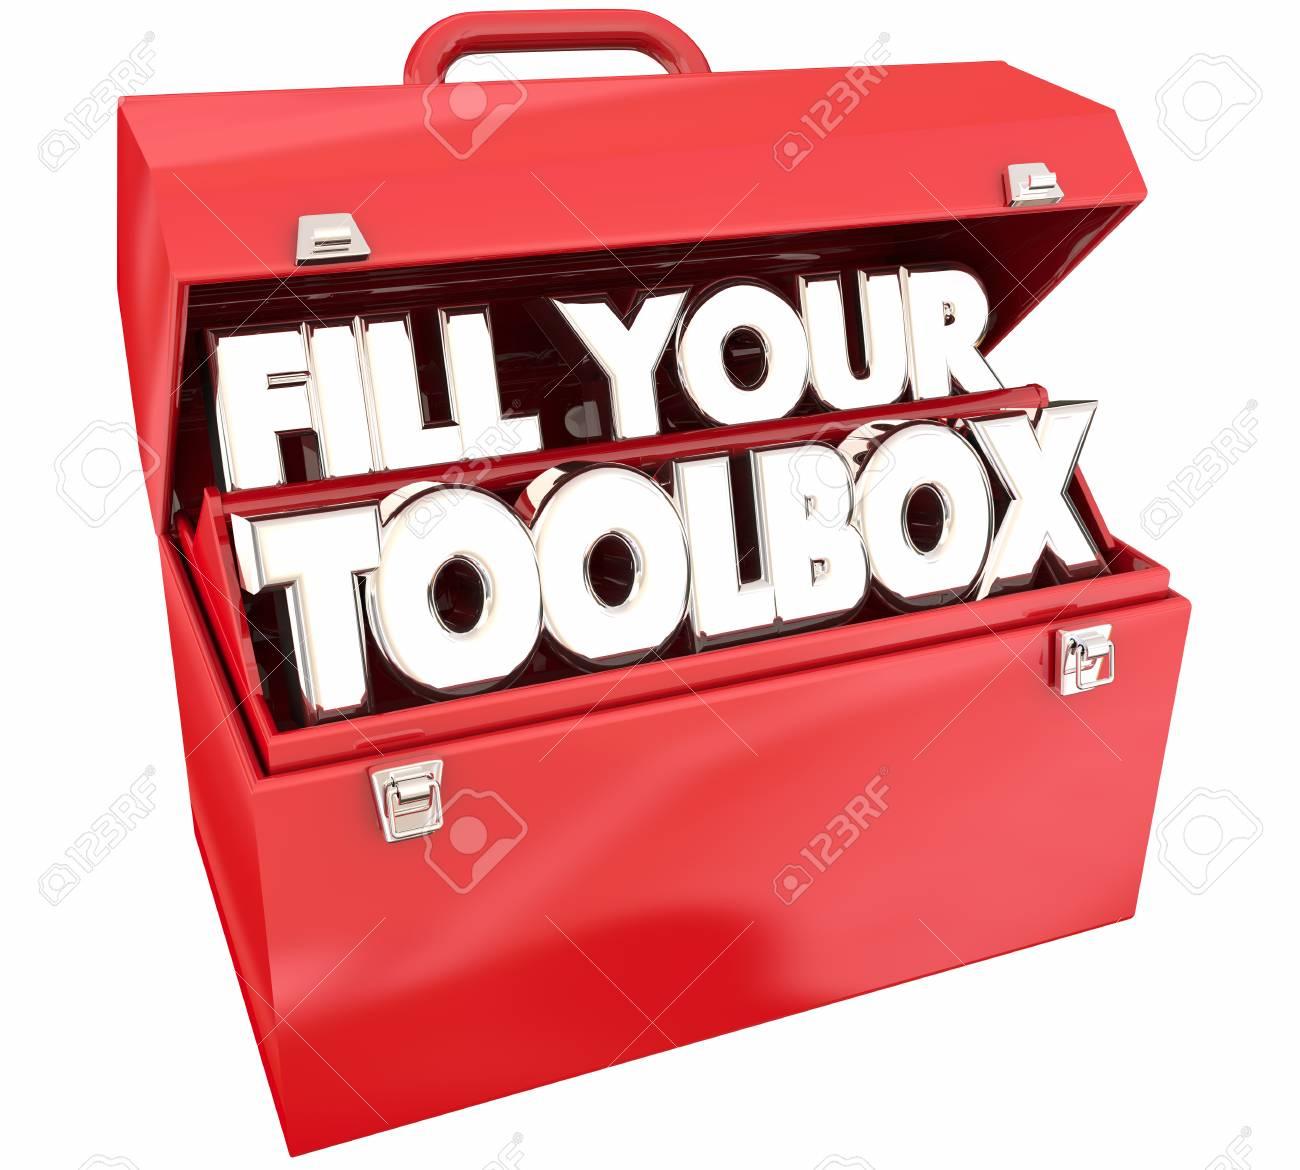 remplissez votre boîte à outils red metal tools words illustration